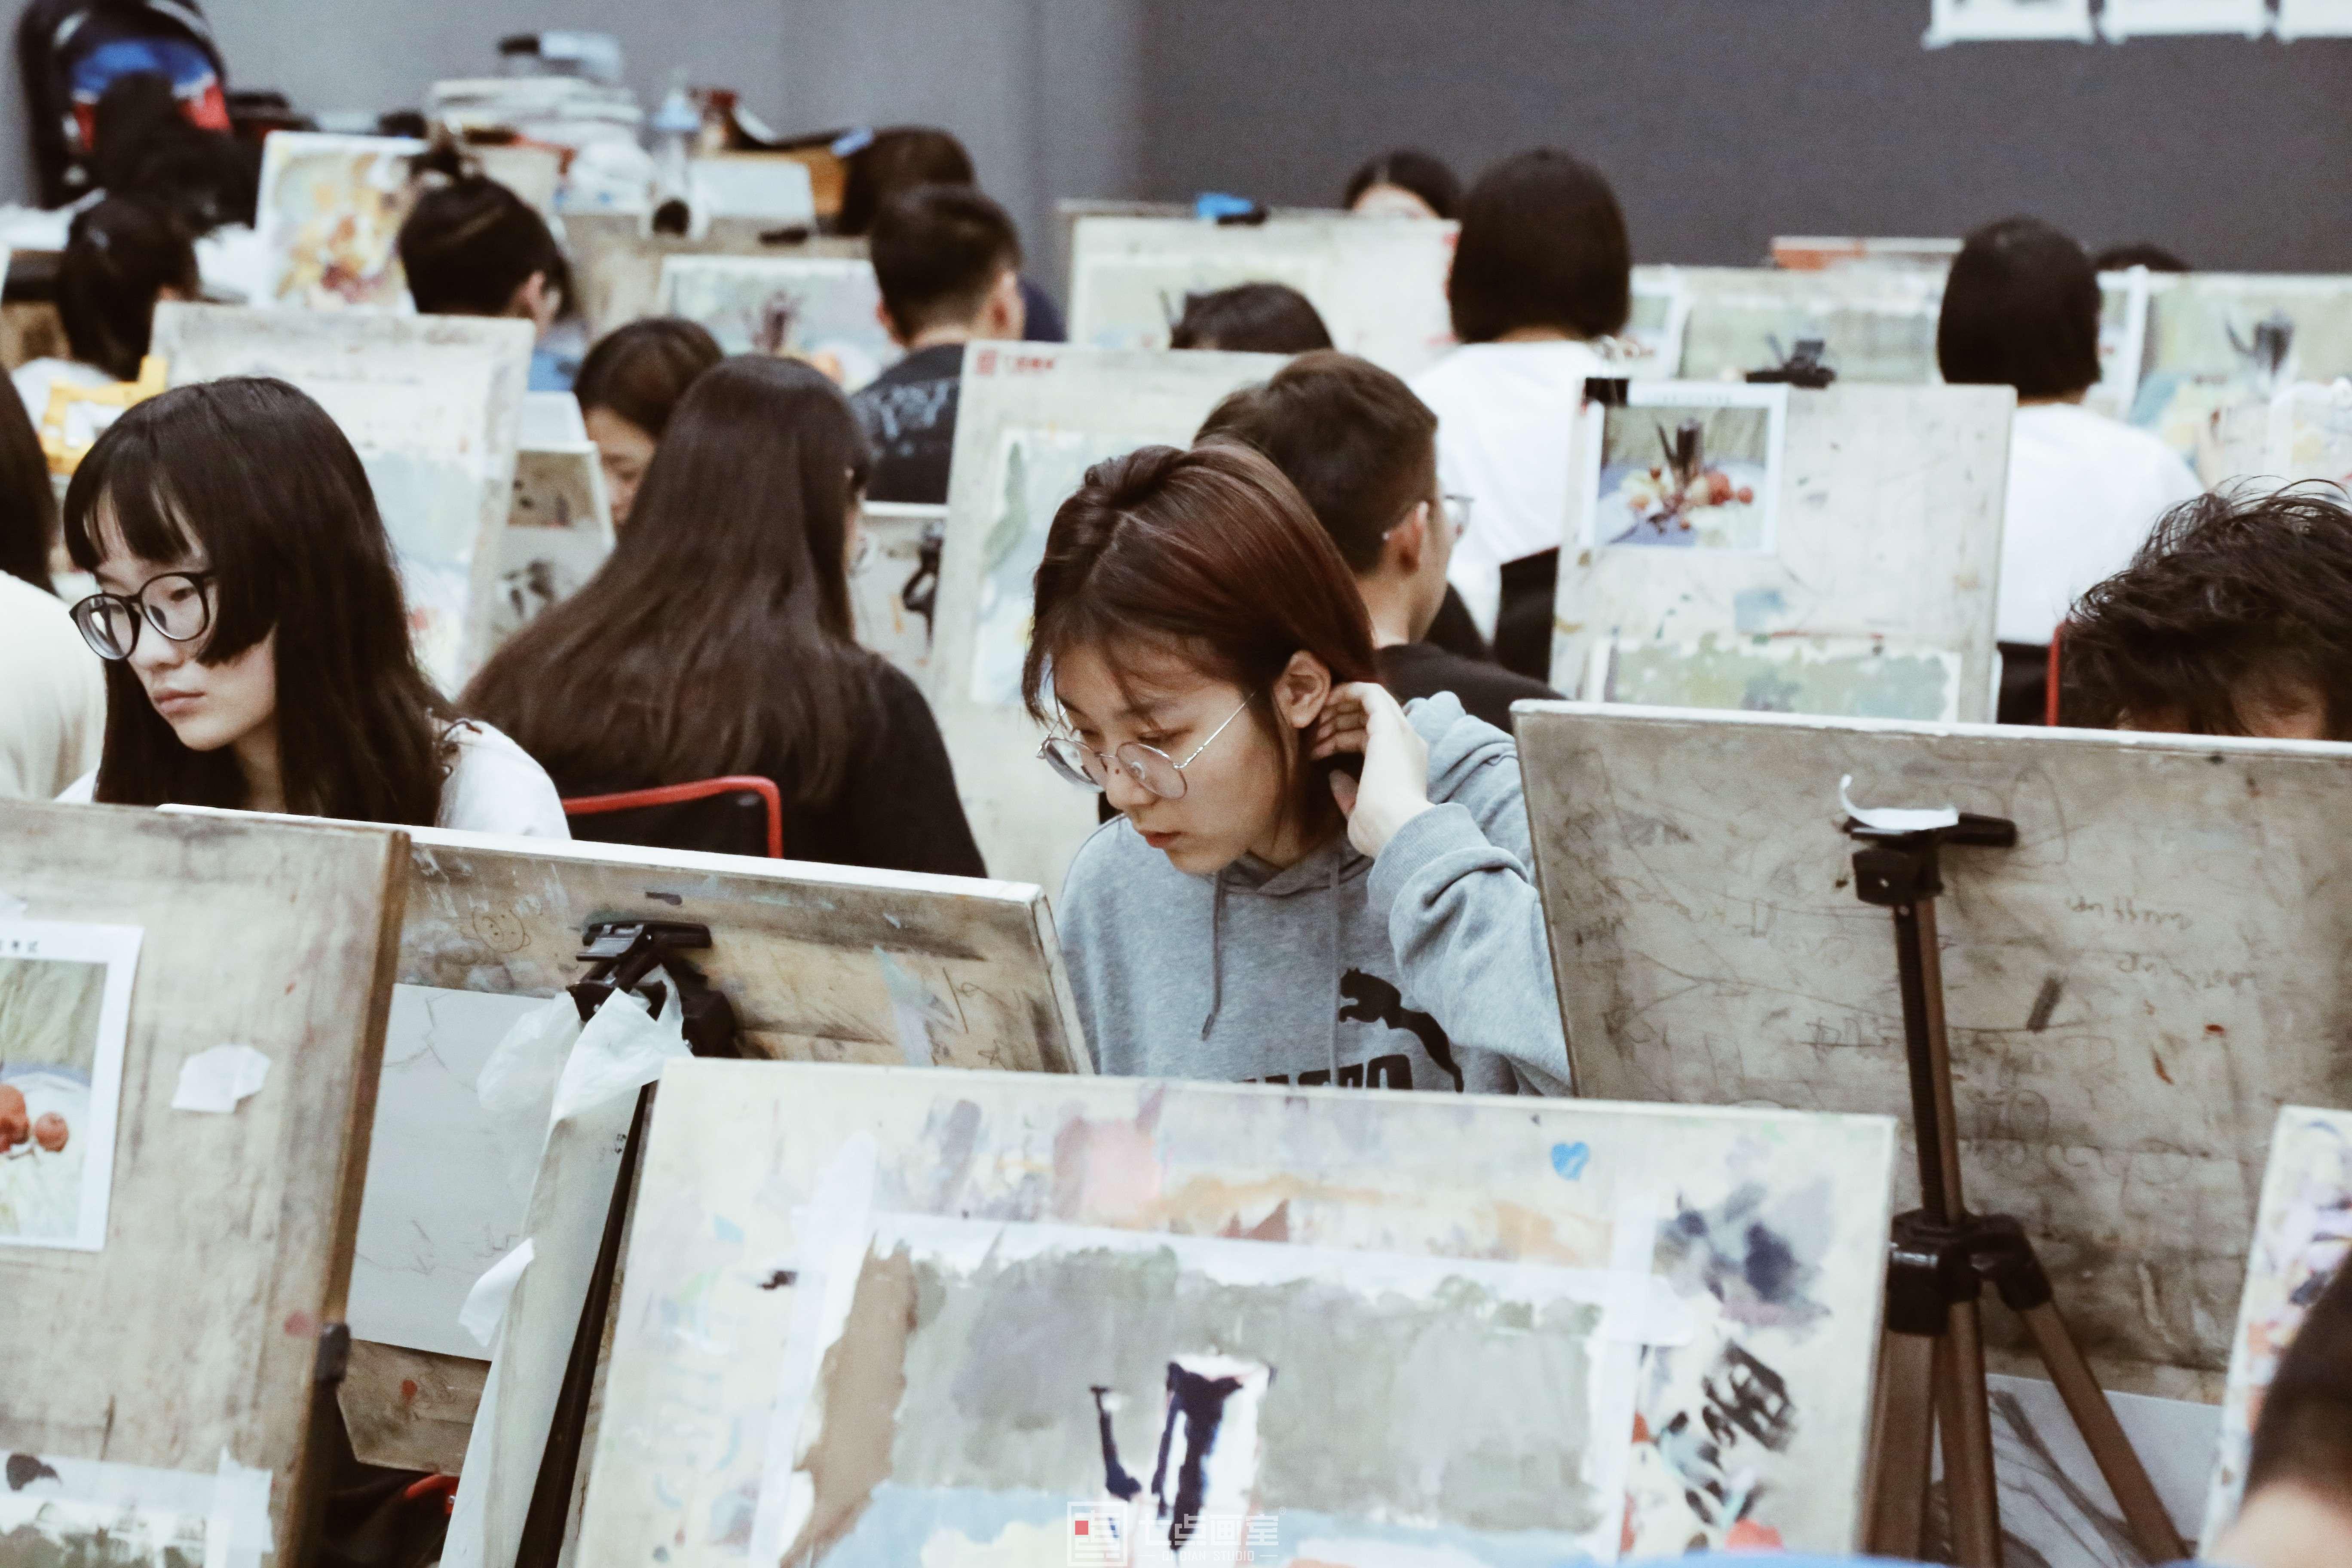 七点画室优秀作品欣赏 ▏那些以前认为很苦很累的事情,我们都坚持下来了!